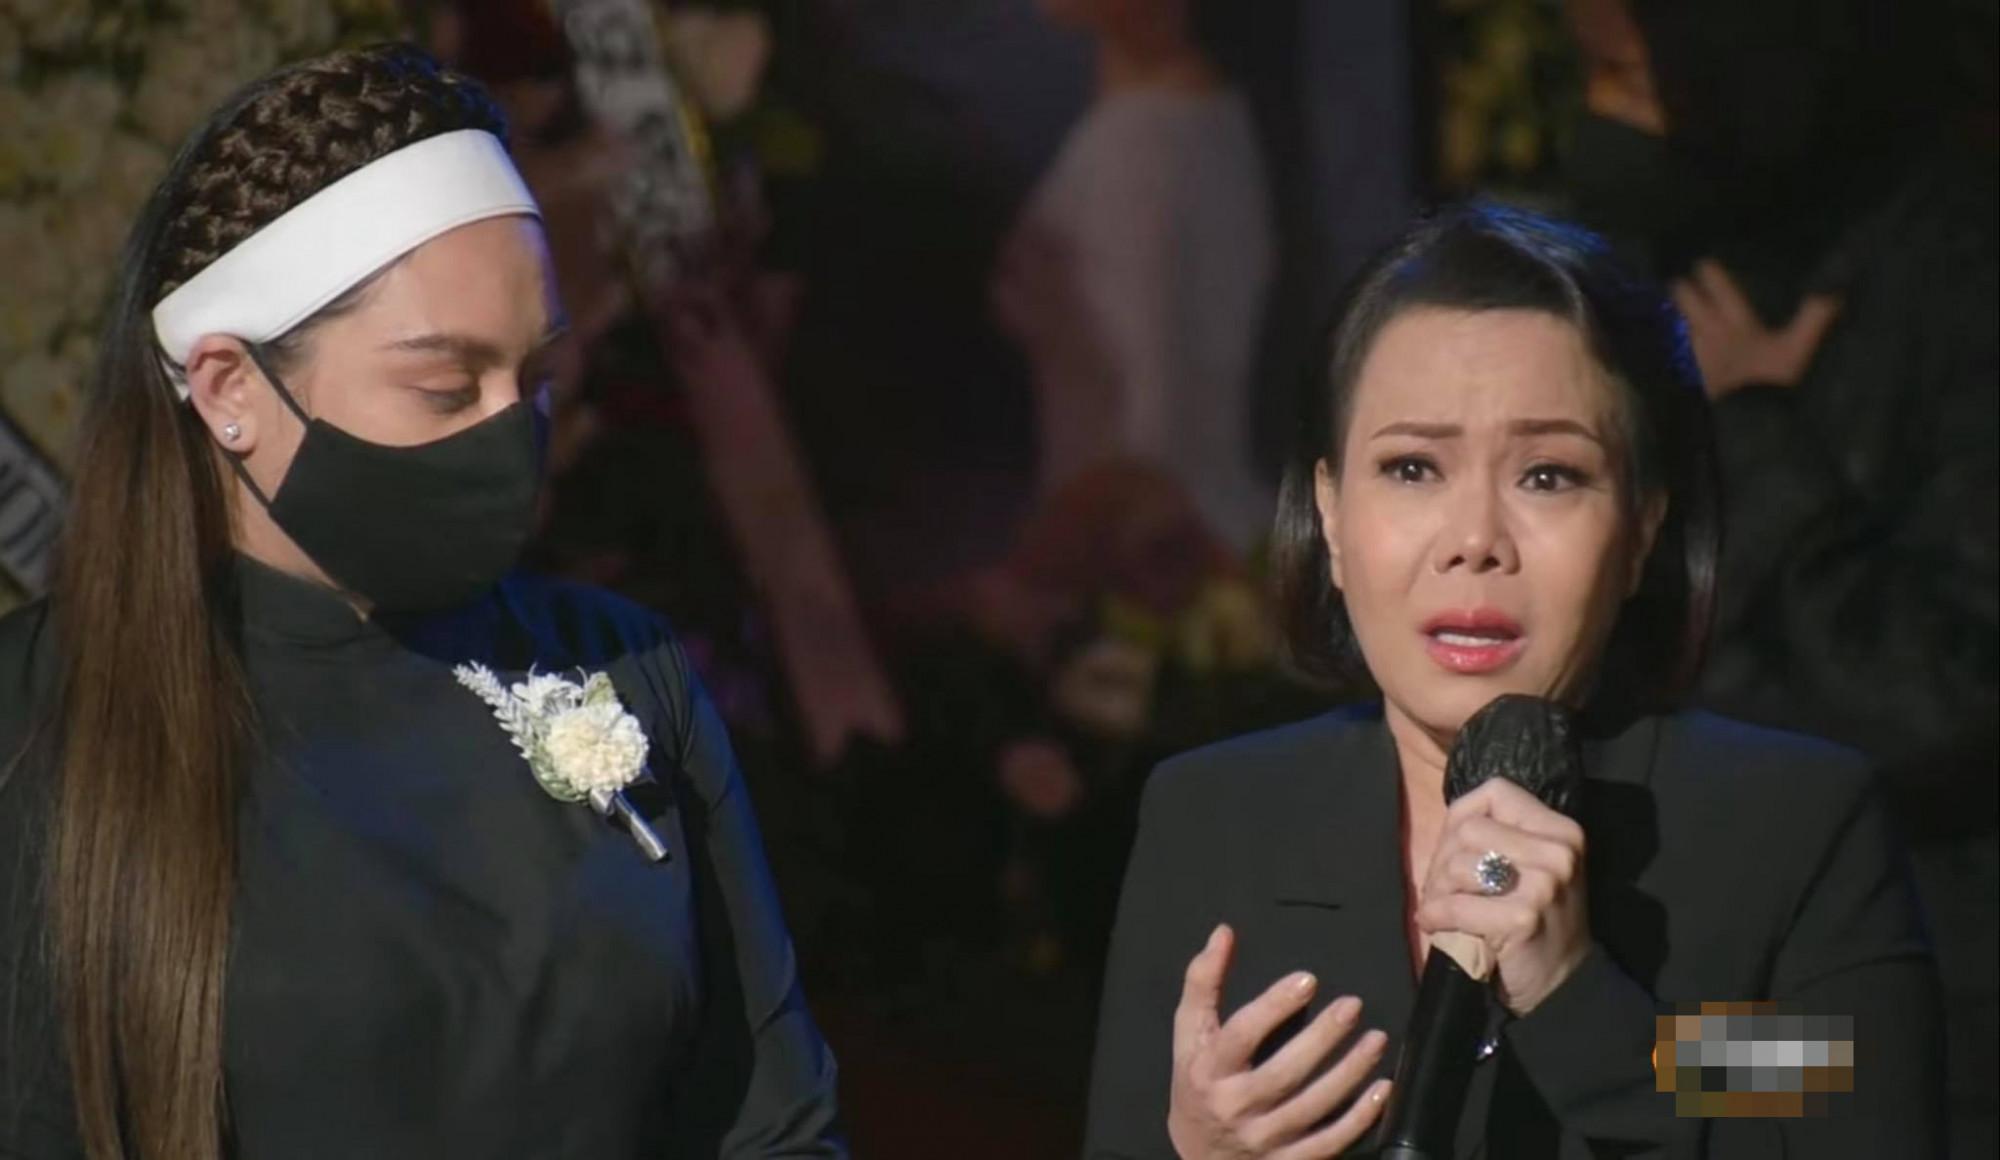 Tang lễ ca sĩ Phi Nhung diễn ra tại Mỹ: đông đảo nghệ sĩ, khán giả trong và ngoài nước xót xa đưa tiễn